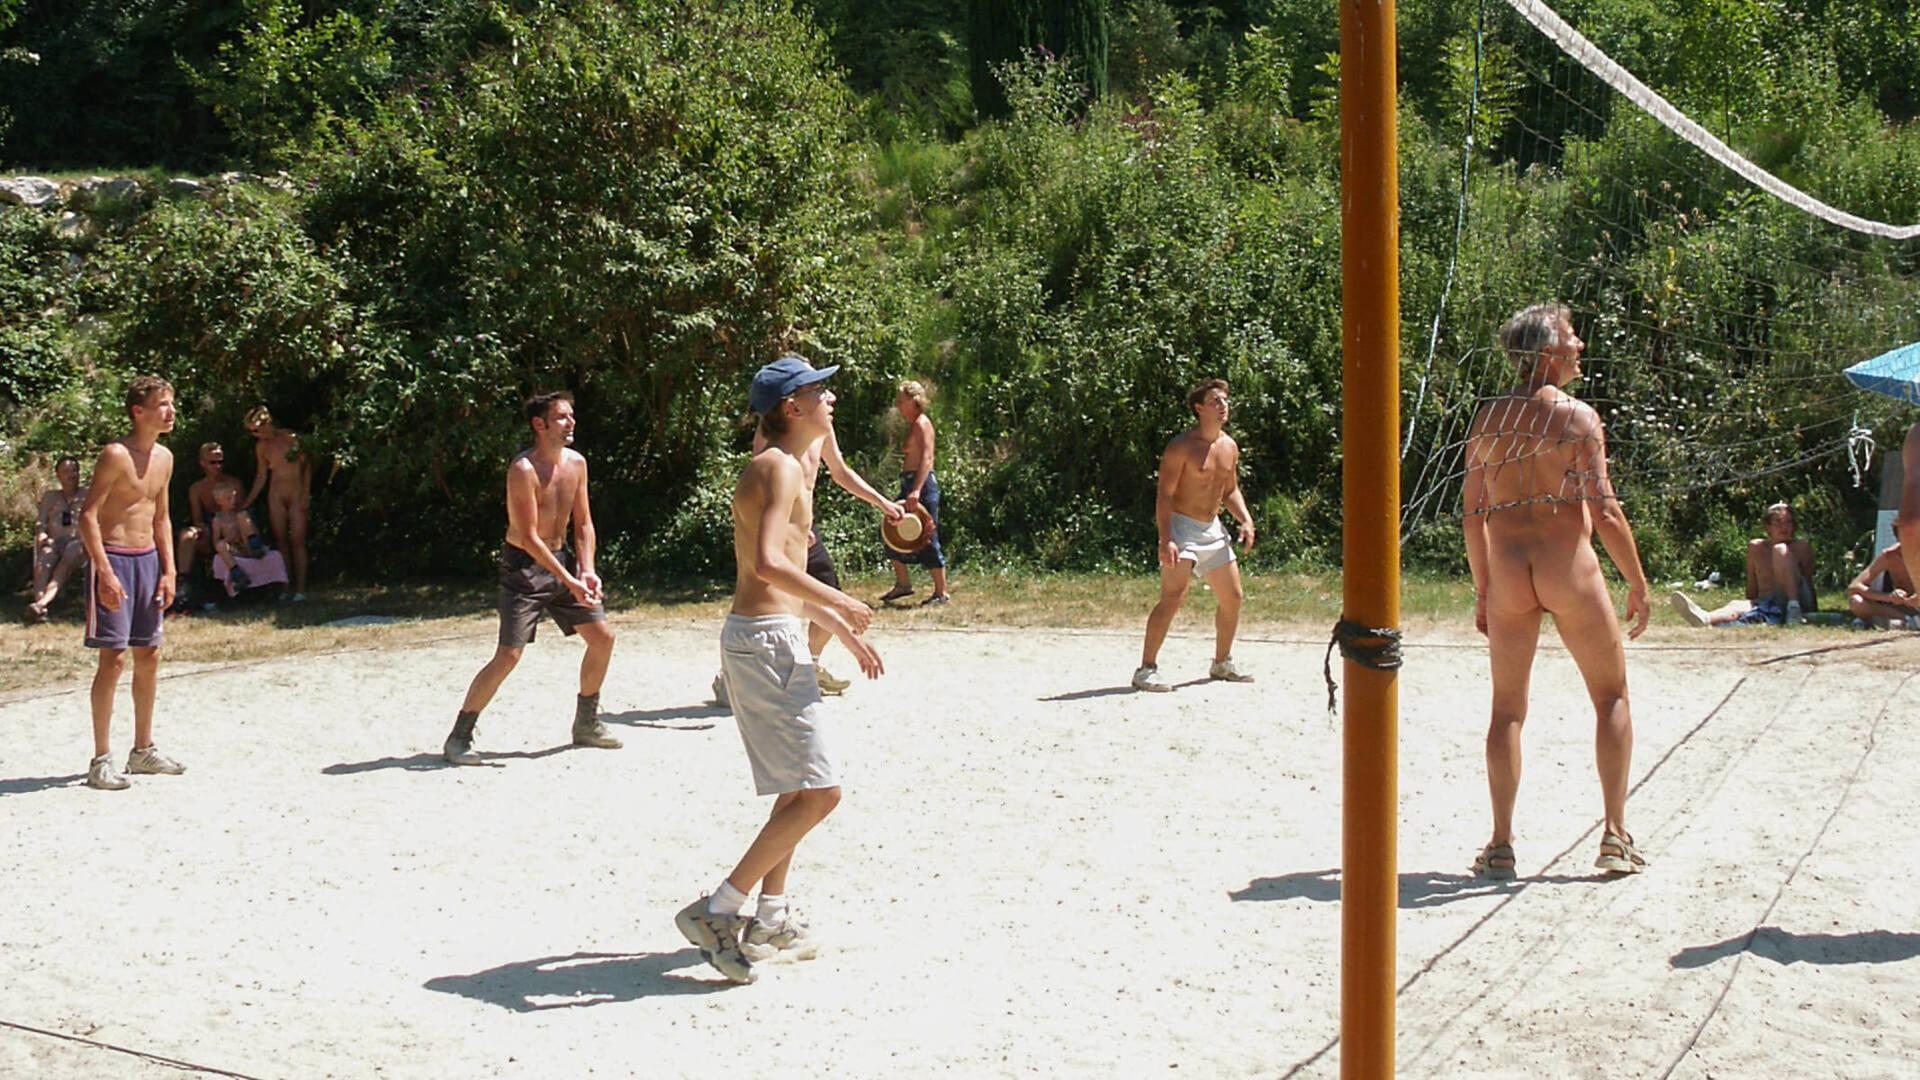 deporte y naturismo